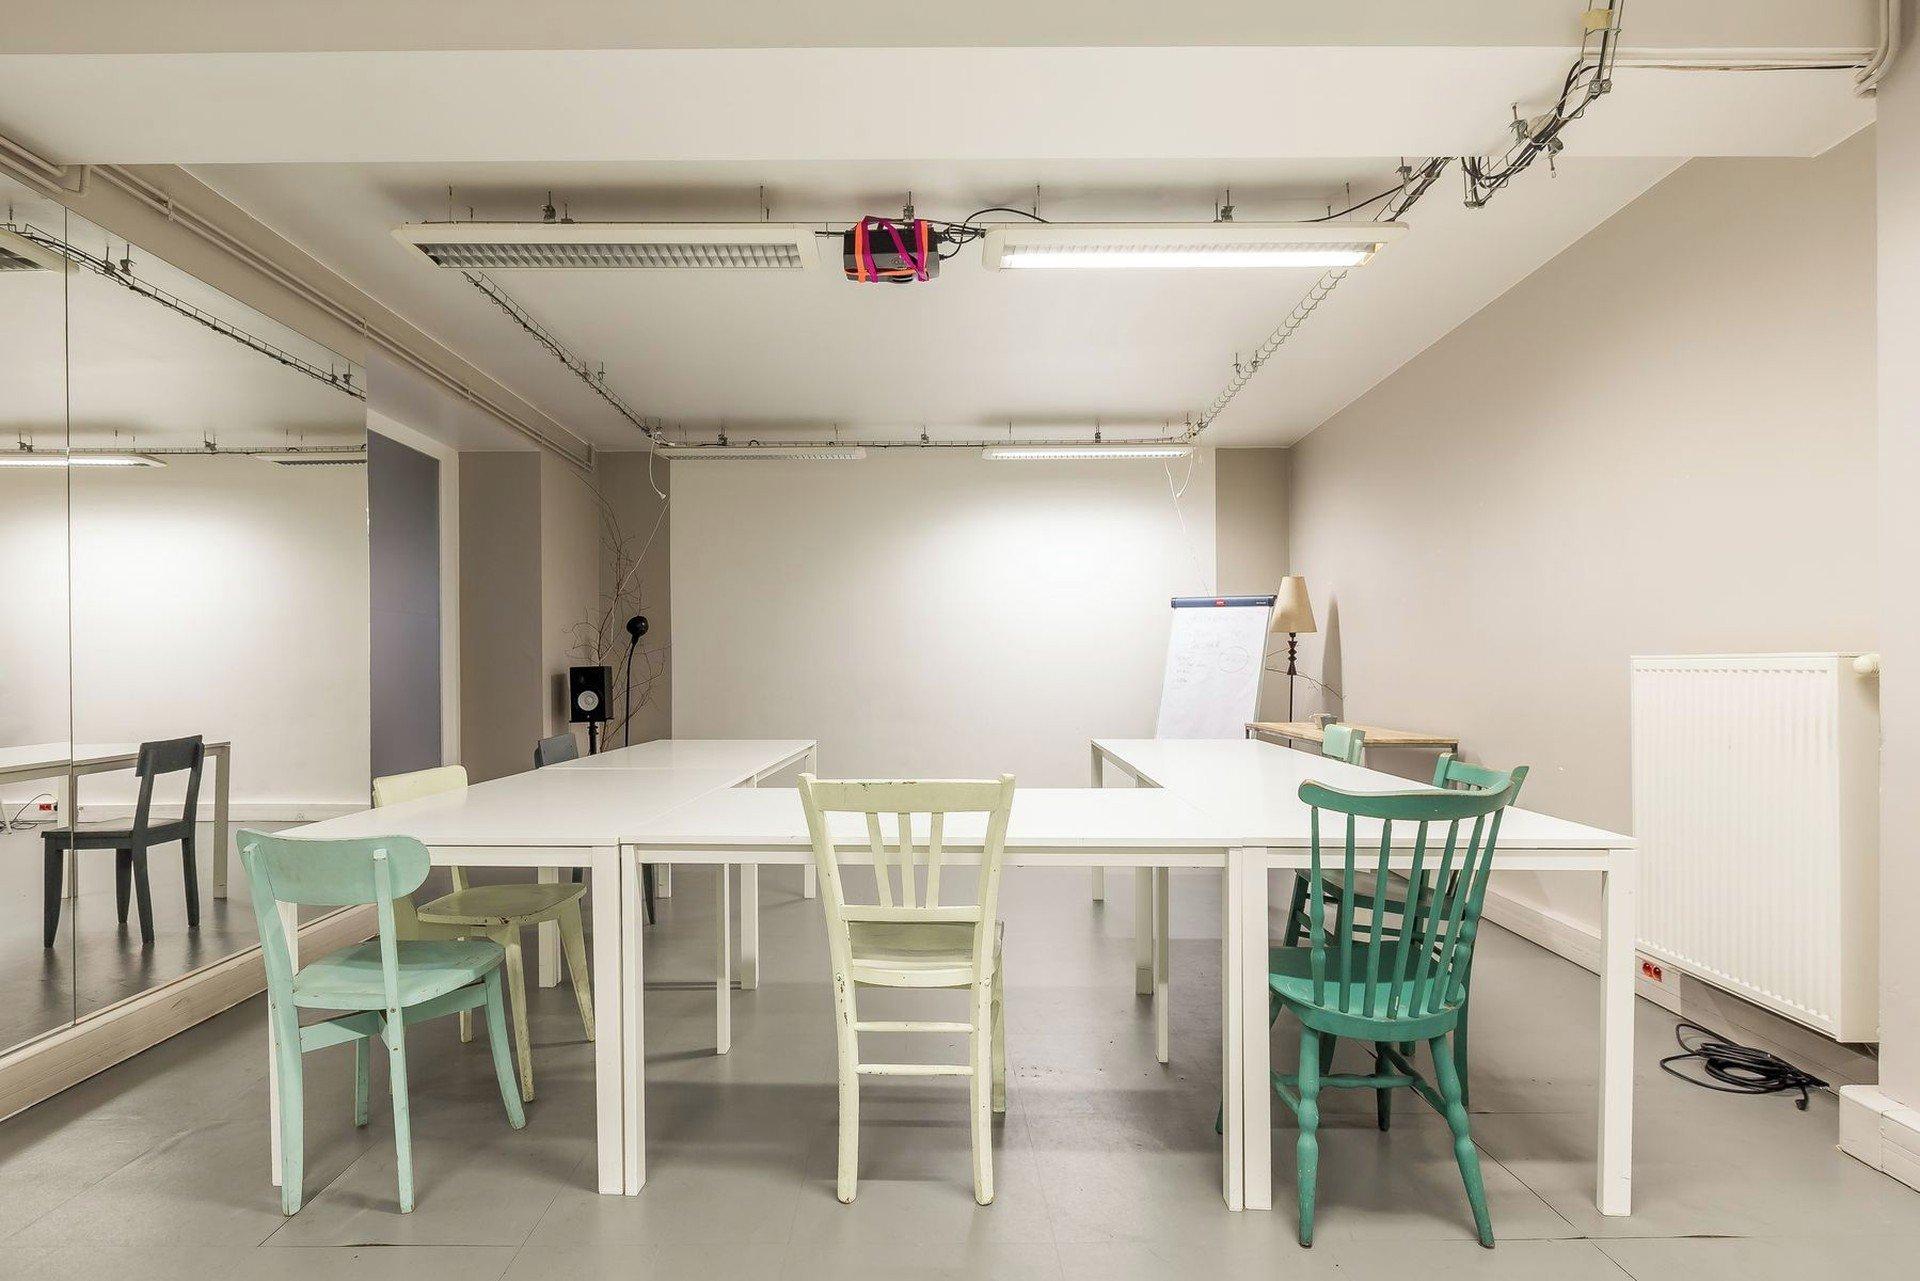 Paris Espaces de travail Meetingraum Be Coworking La Jonquière - Millepied image 0